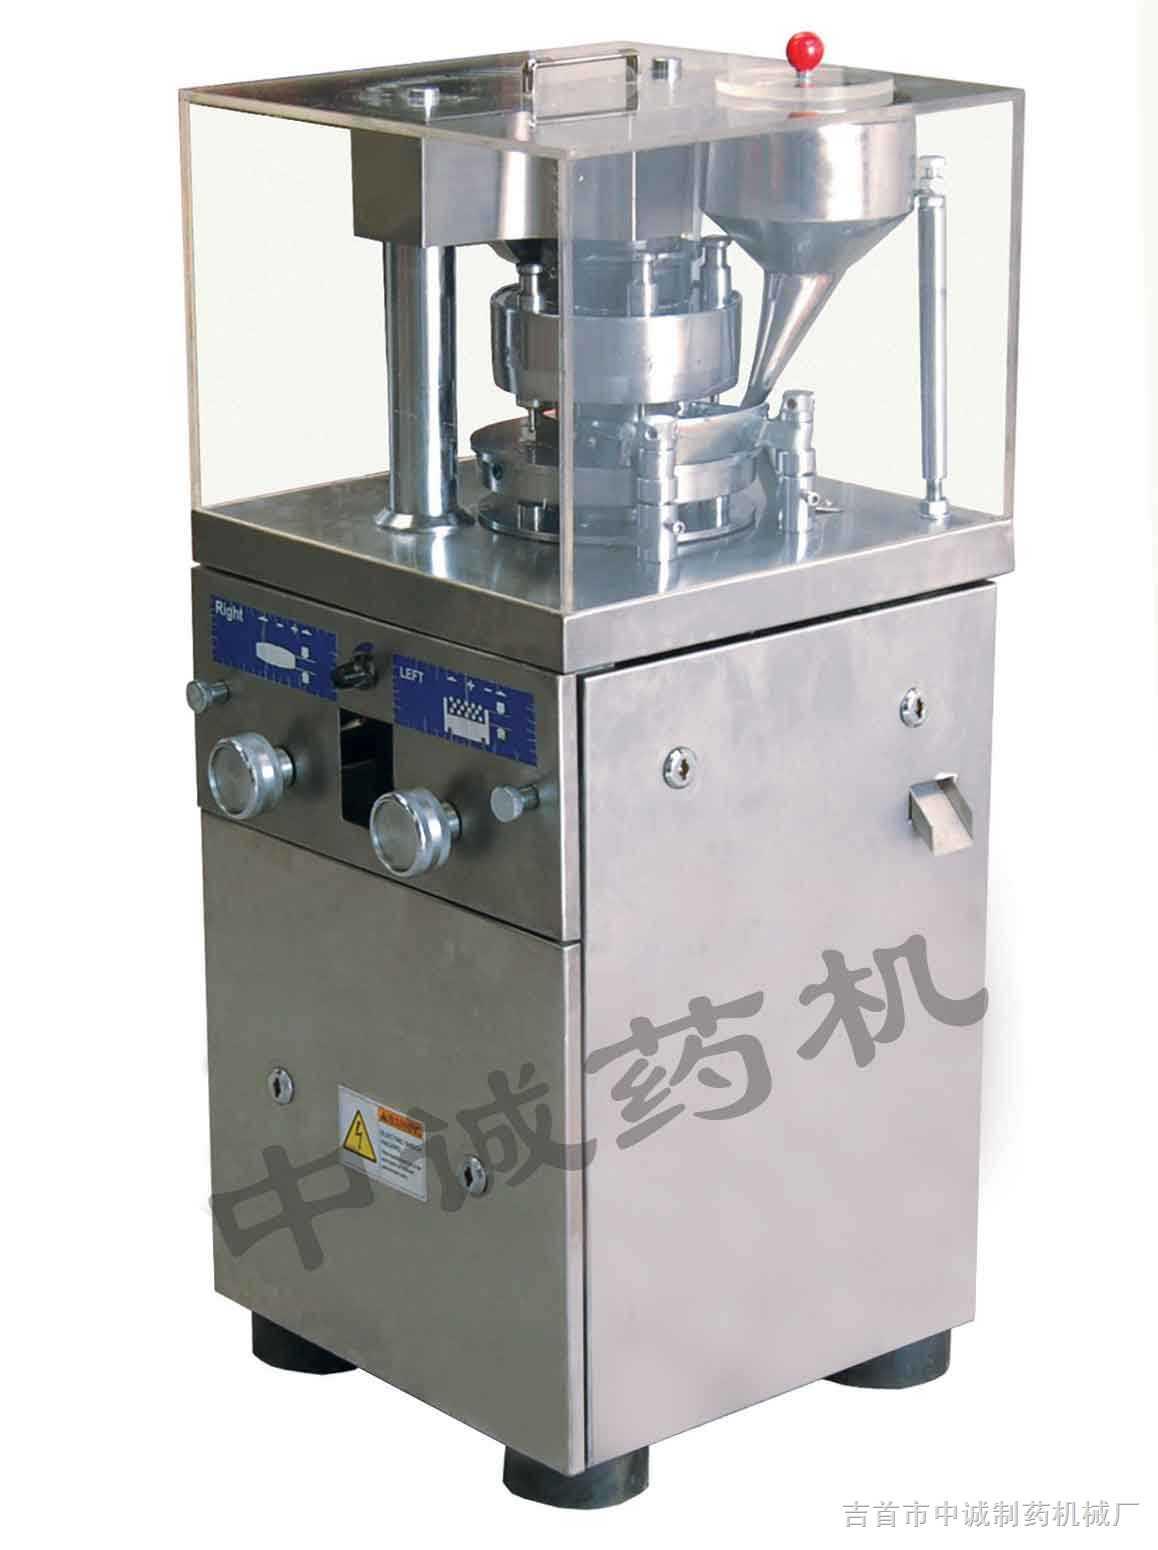 ZP-9-試驗多沖式壓片機機械